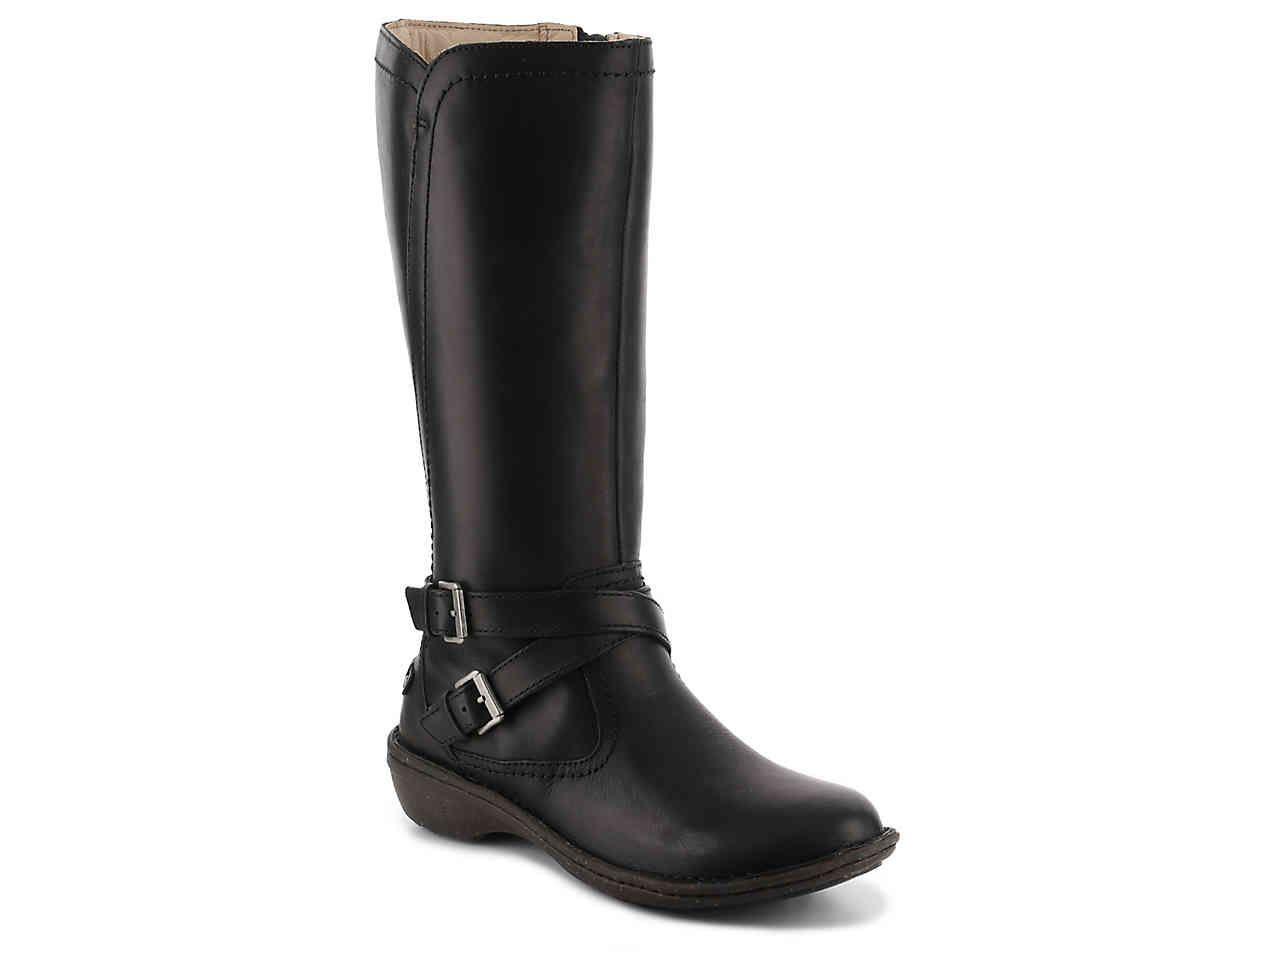 ad63c856cfc Australia Rosen Boot   Fashion   Boots, UGG australia, Fashion